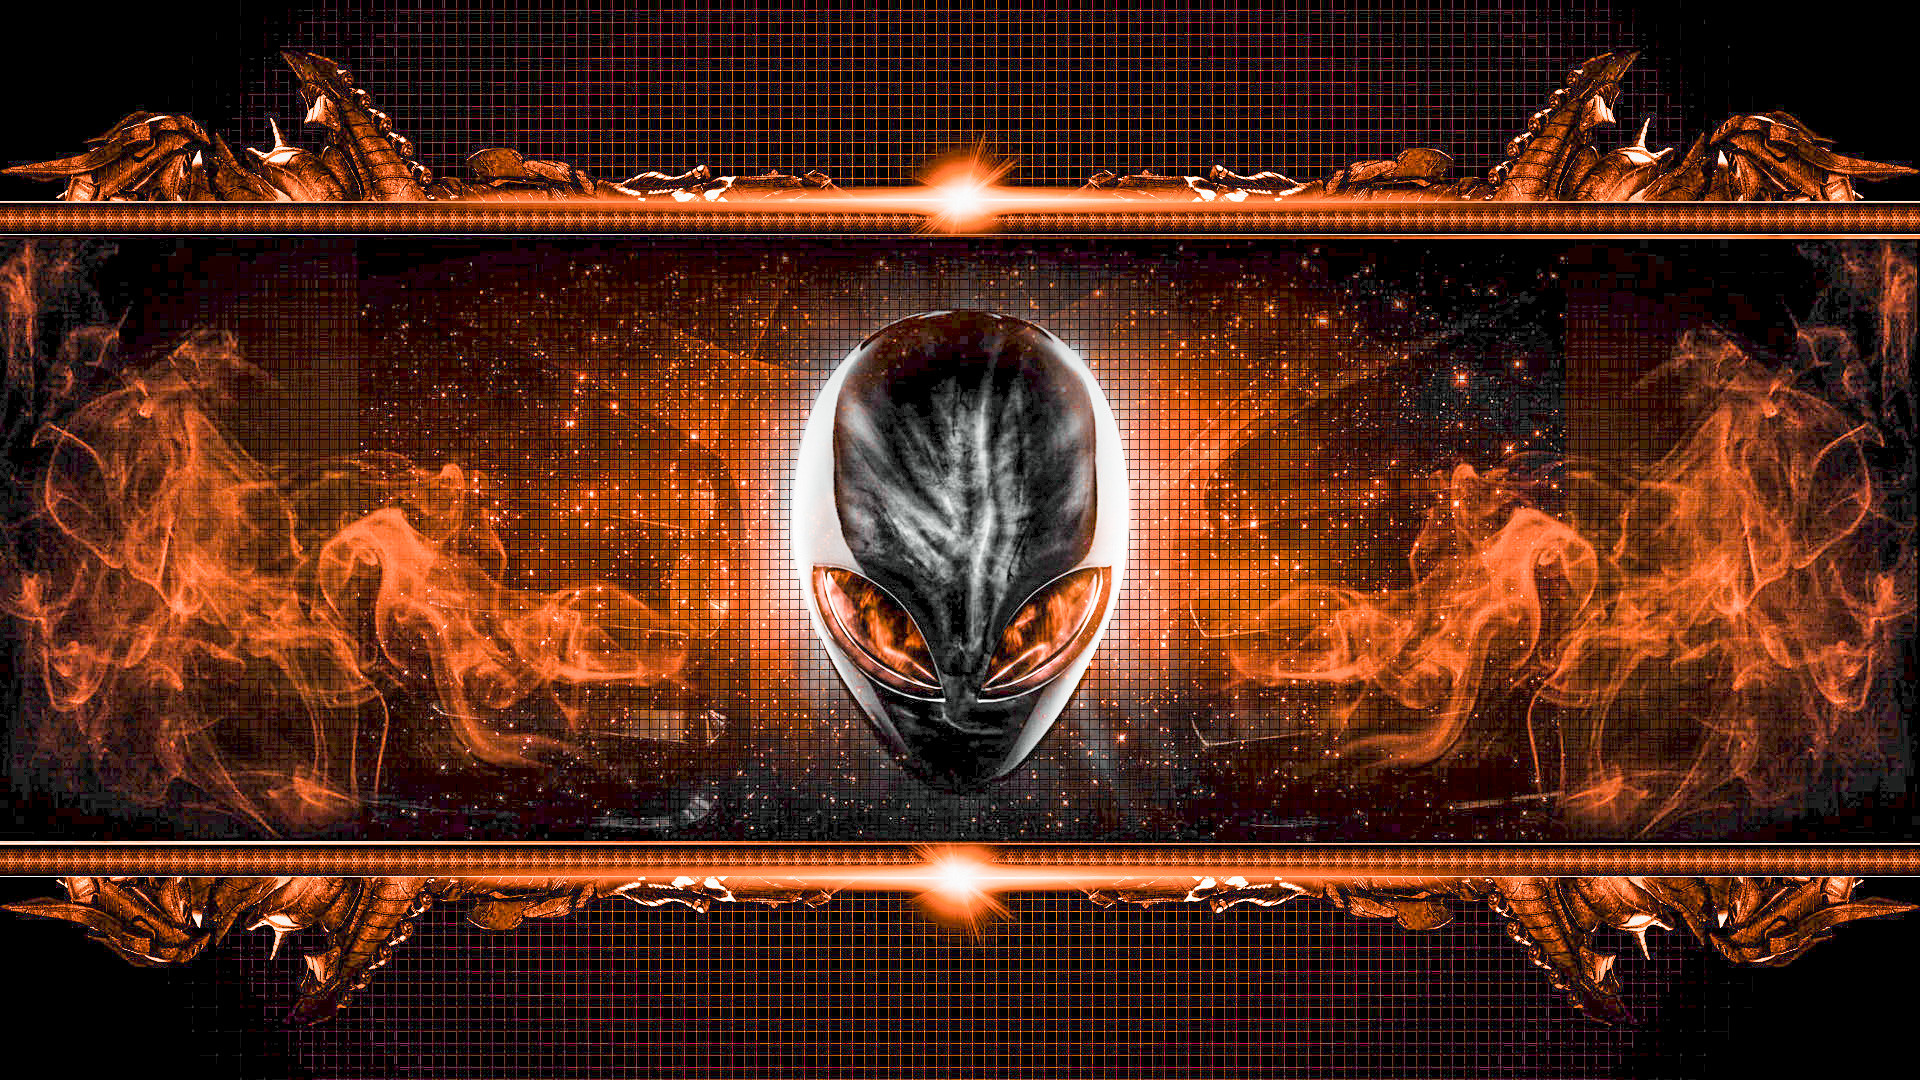 … Wallpaper 58802 Alienware Background 4k …